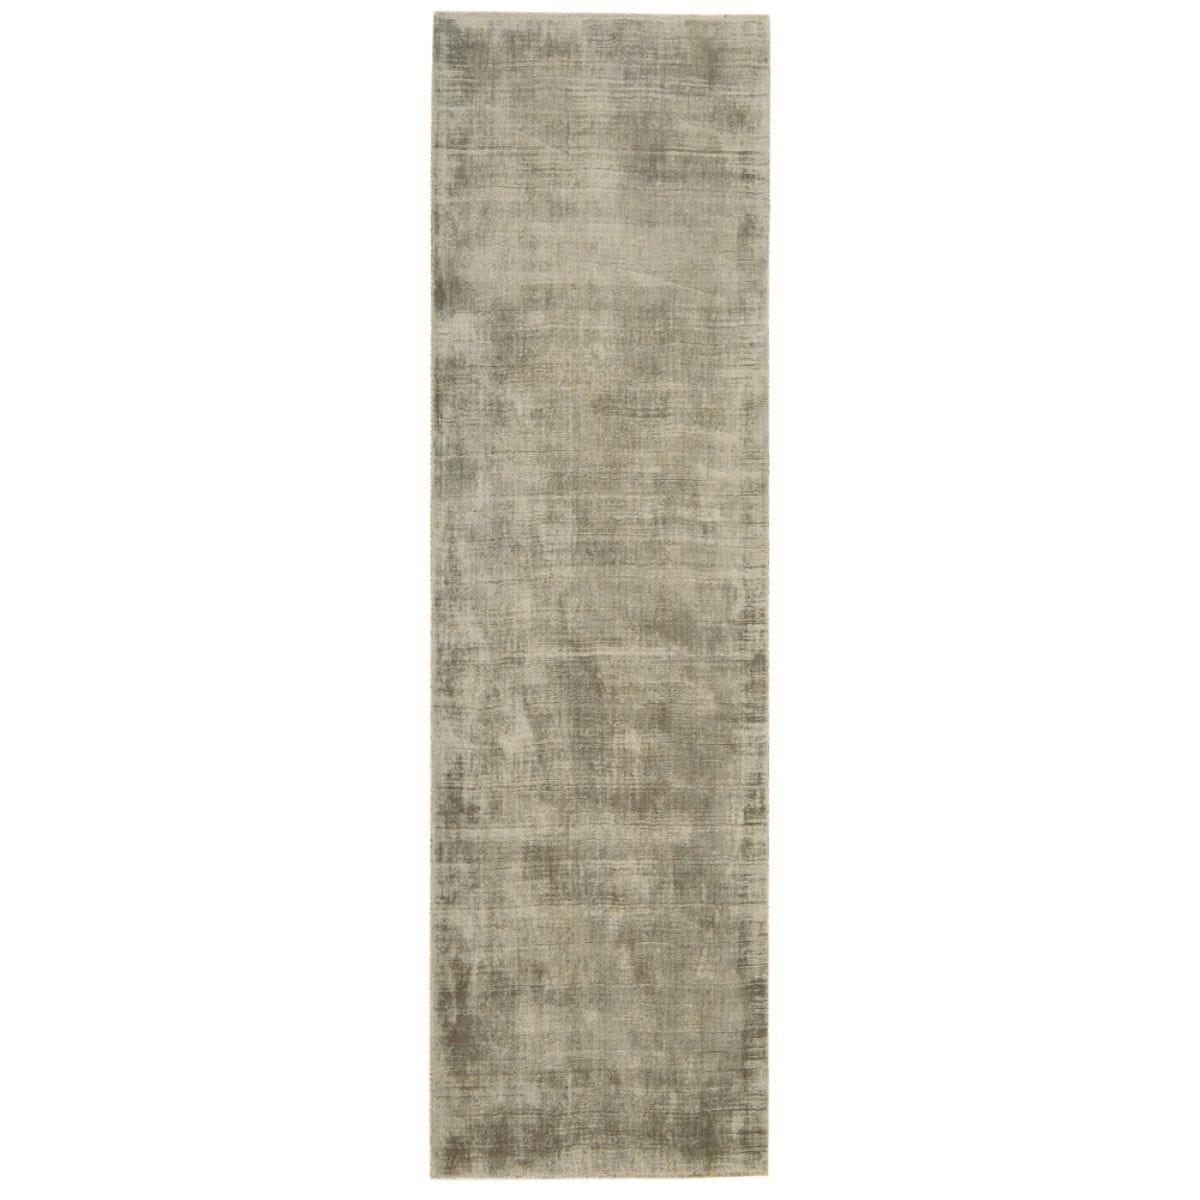 Asiatic Blade Runner Floor Rug, 66 x 240cm - Smoke